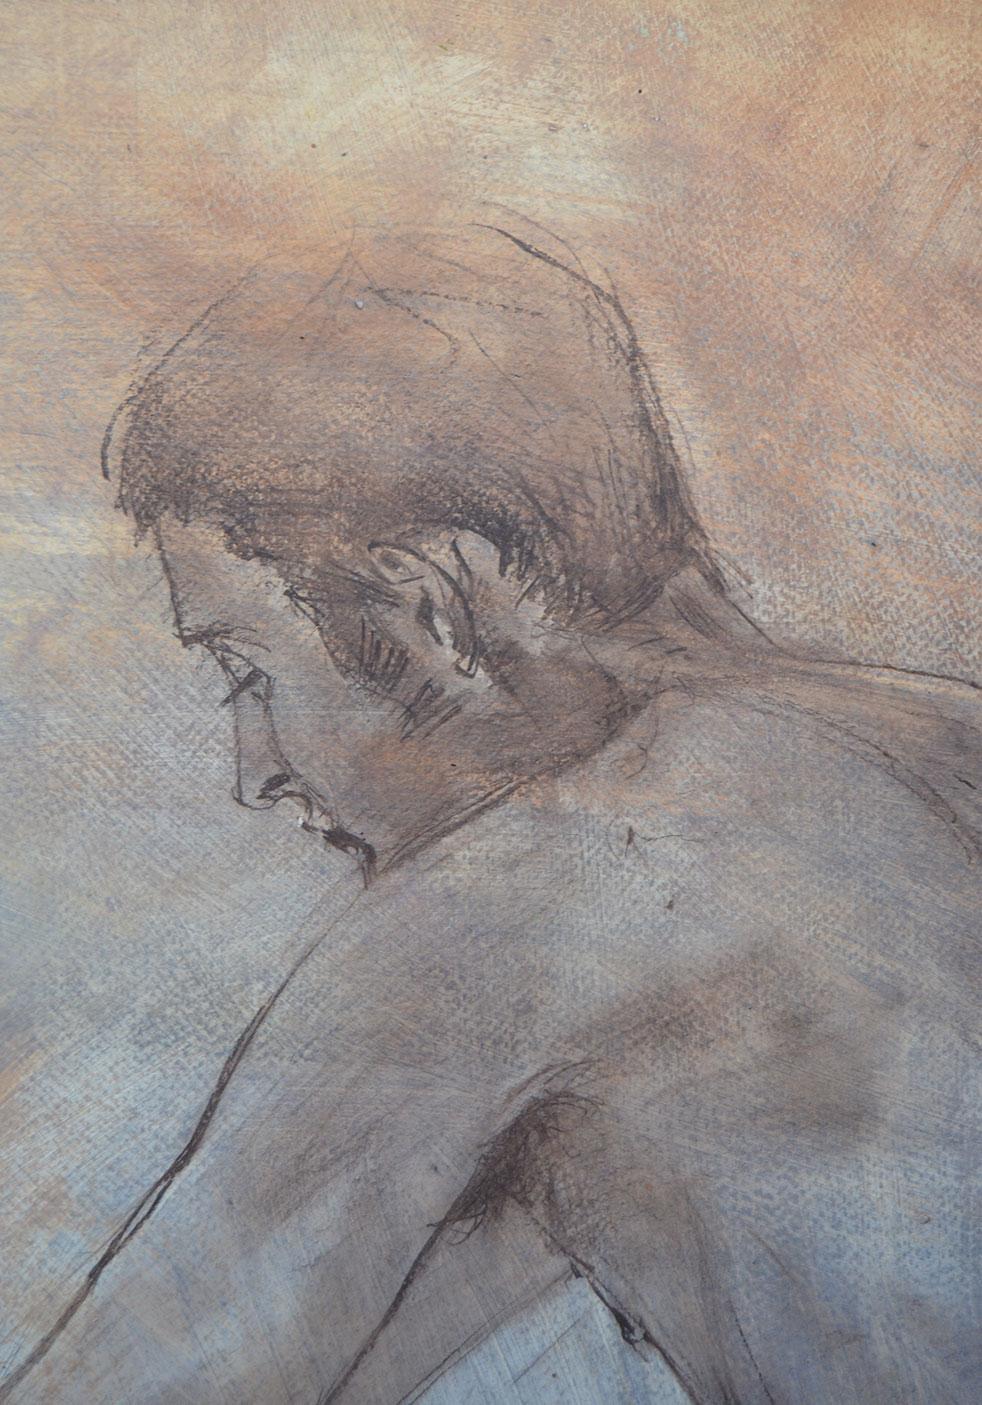 Man closeup